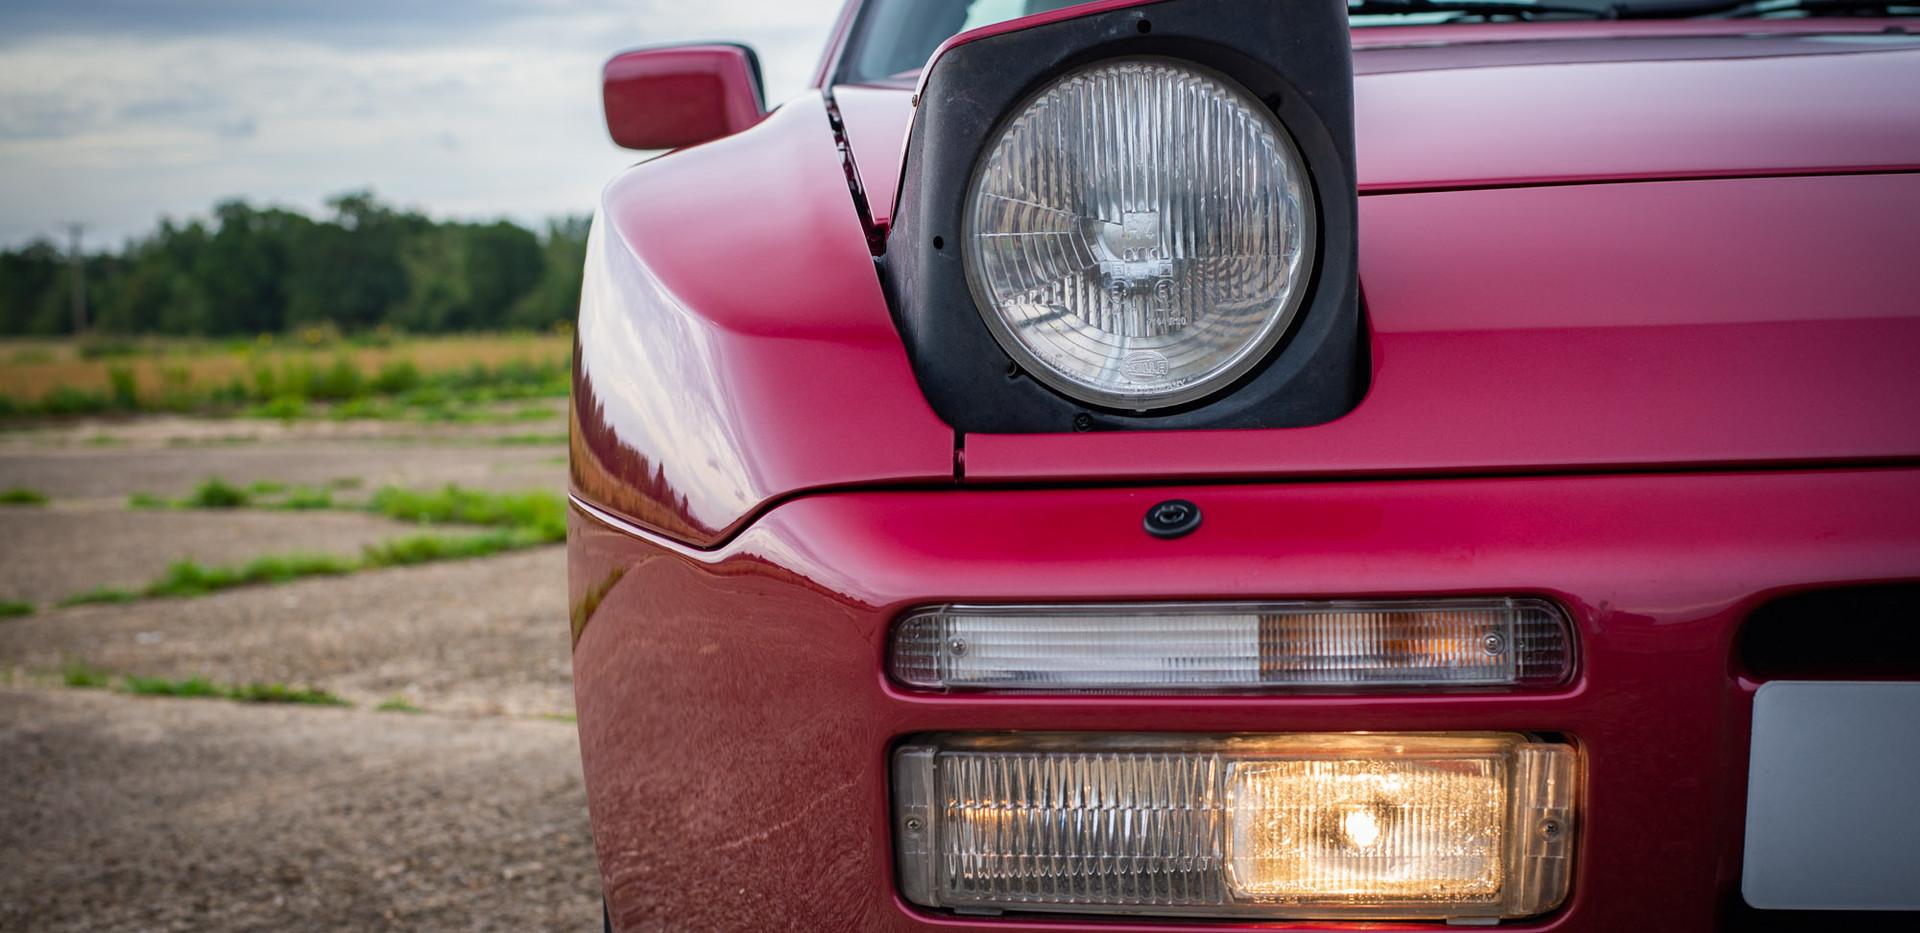 Porsche 944S For Sale UK London-35.jpg